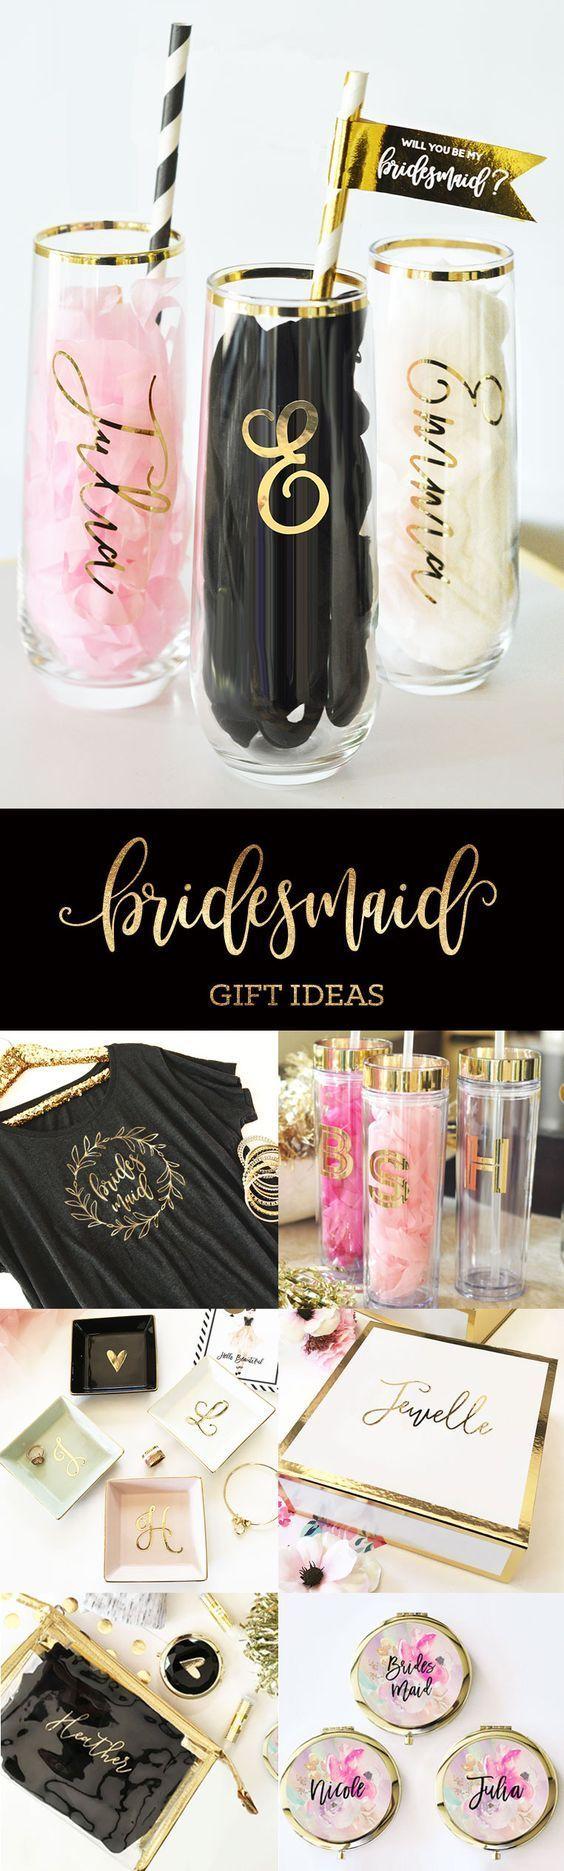 Bridesmaid Gifts from Bride | Bridesmaid Gift Ideas | Bridal Party Gifts | Bridal Party Ideas::